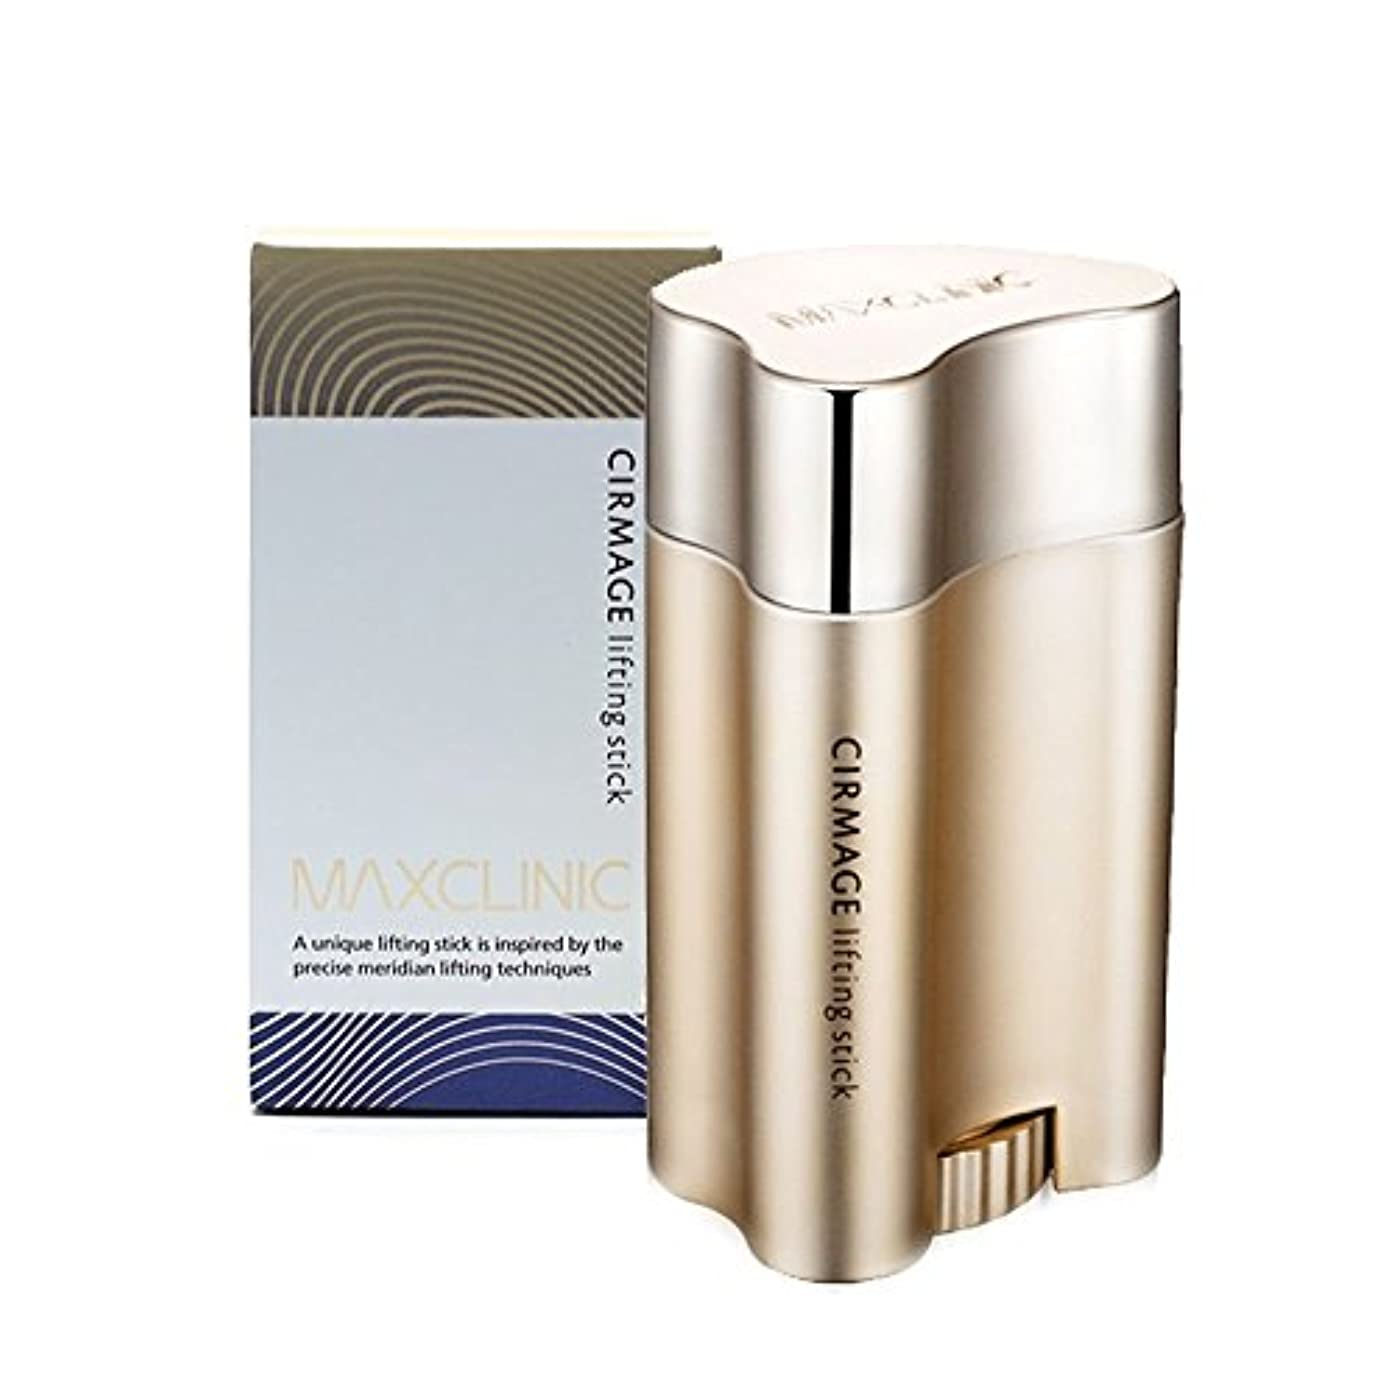 親密なく堂々たるMAXCLINIC マックスクリニック サーメージ リフティング スティック 23g(Cirmage Lifting Stick 23g)/Direct from Korea/w free Gift Sample [並行輸入品]